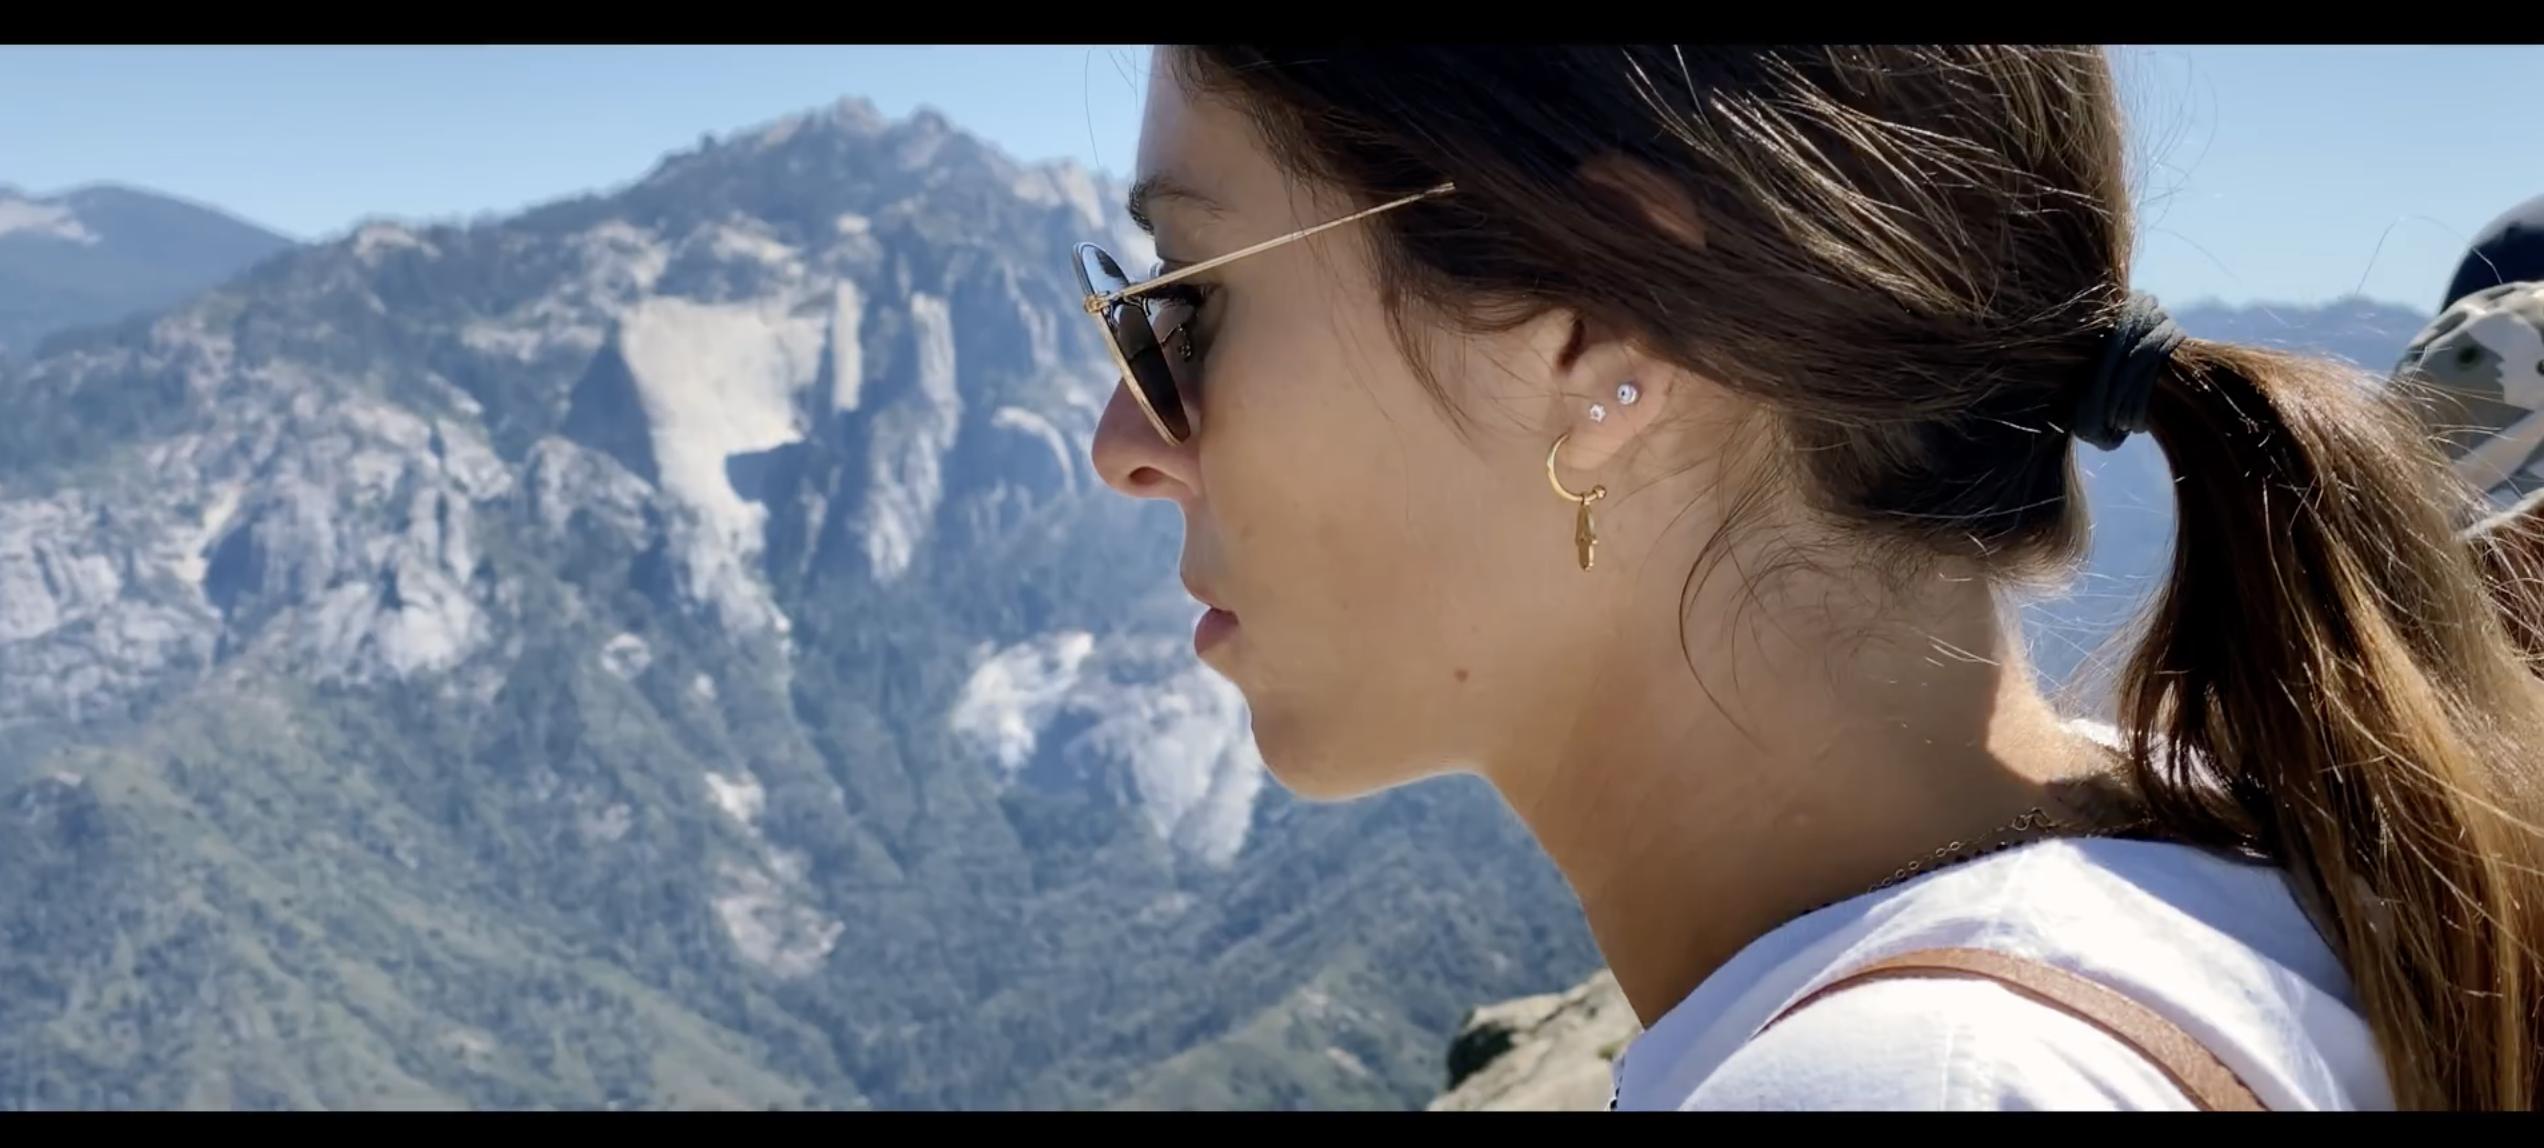 Hihetetlen, milyen videókra képes az iPhone 11 Pro egy profi szakember kezében